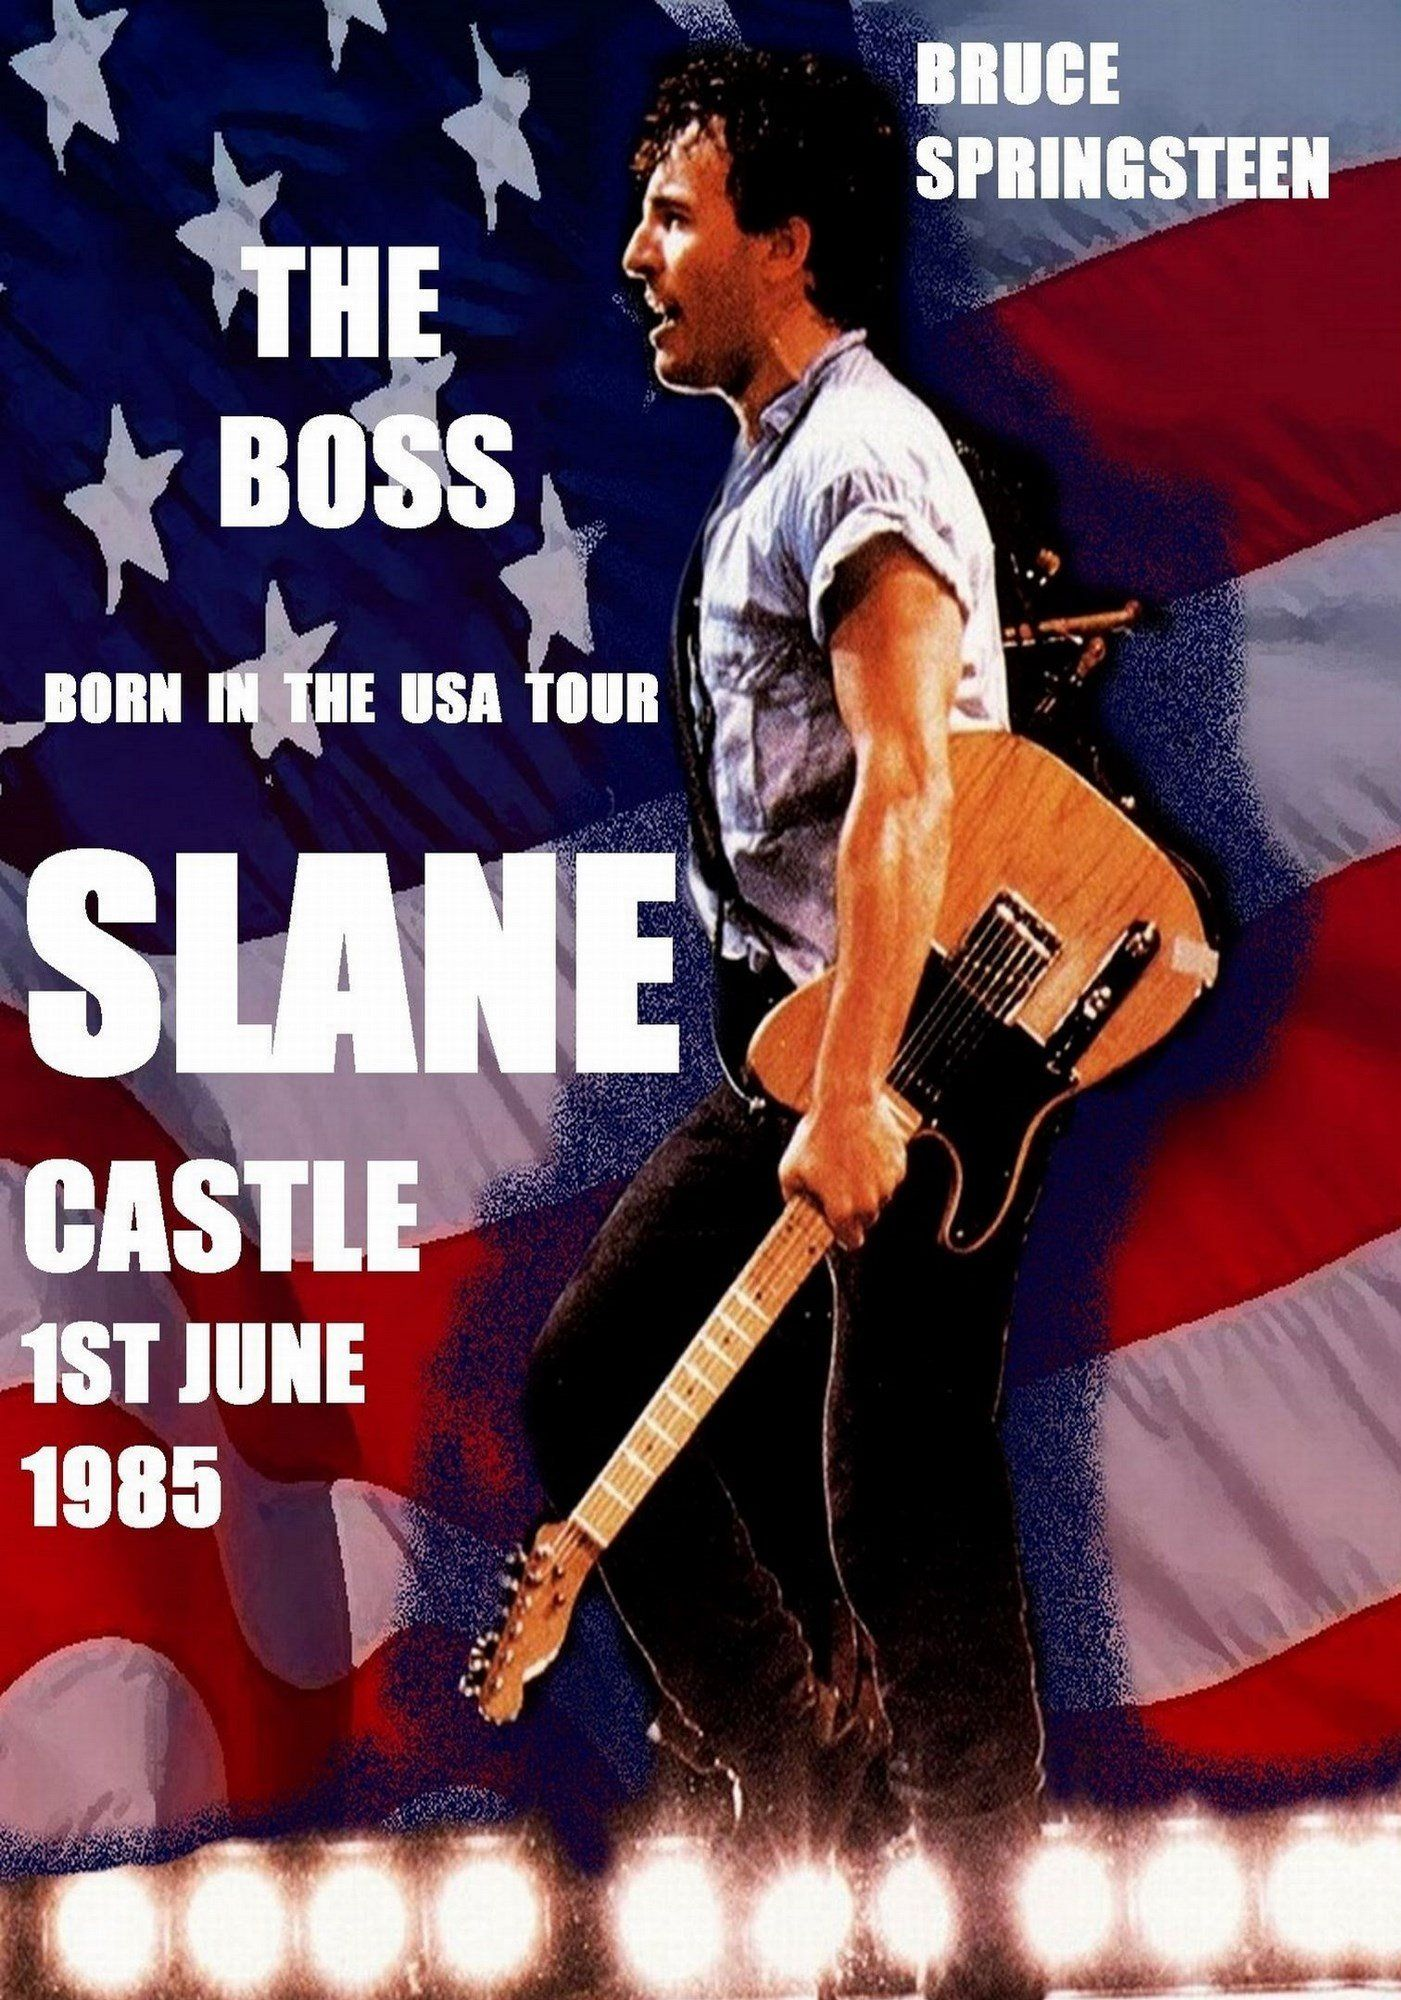 Concert Poster Bruce Springsteen